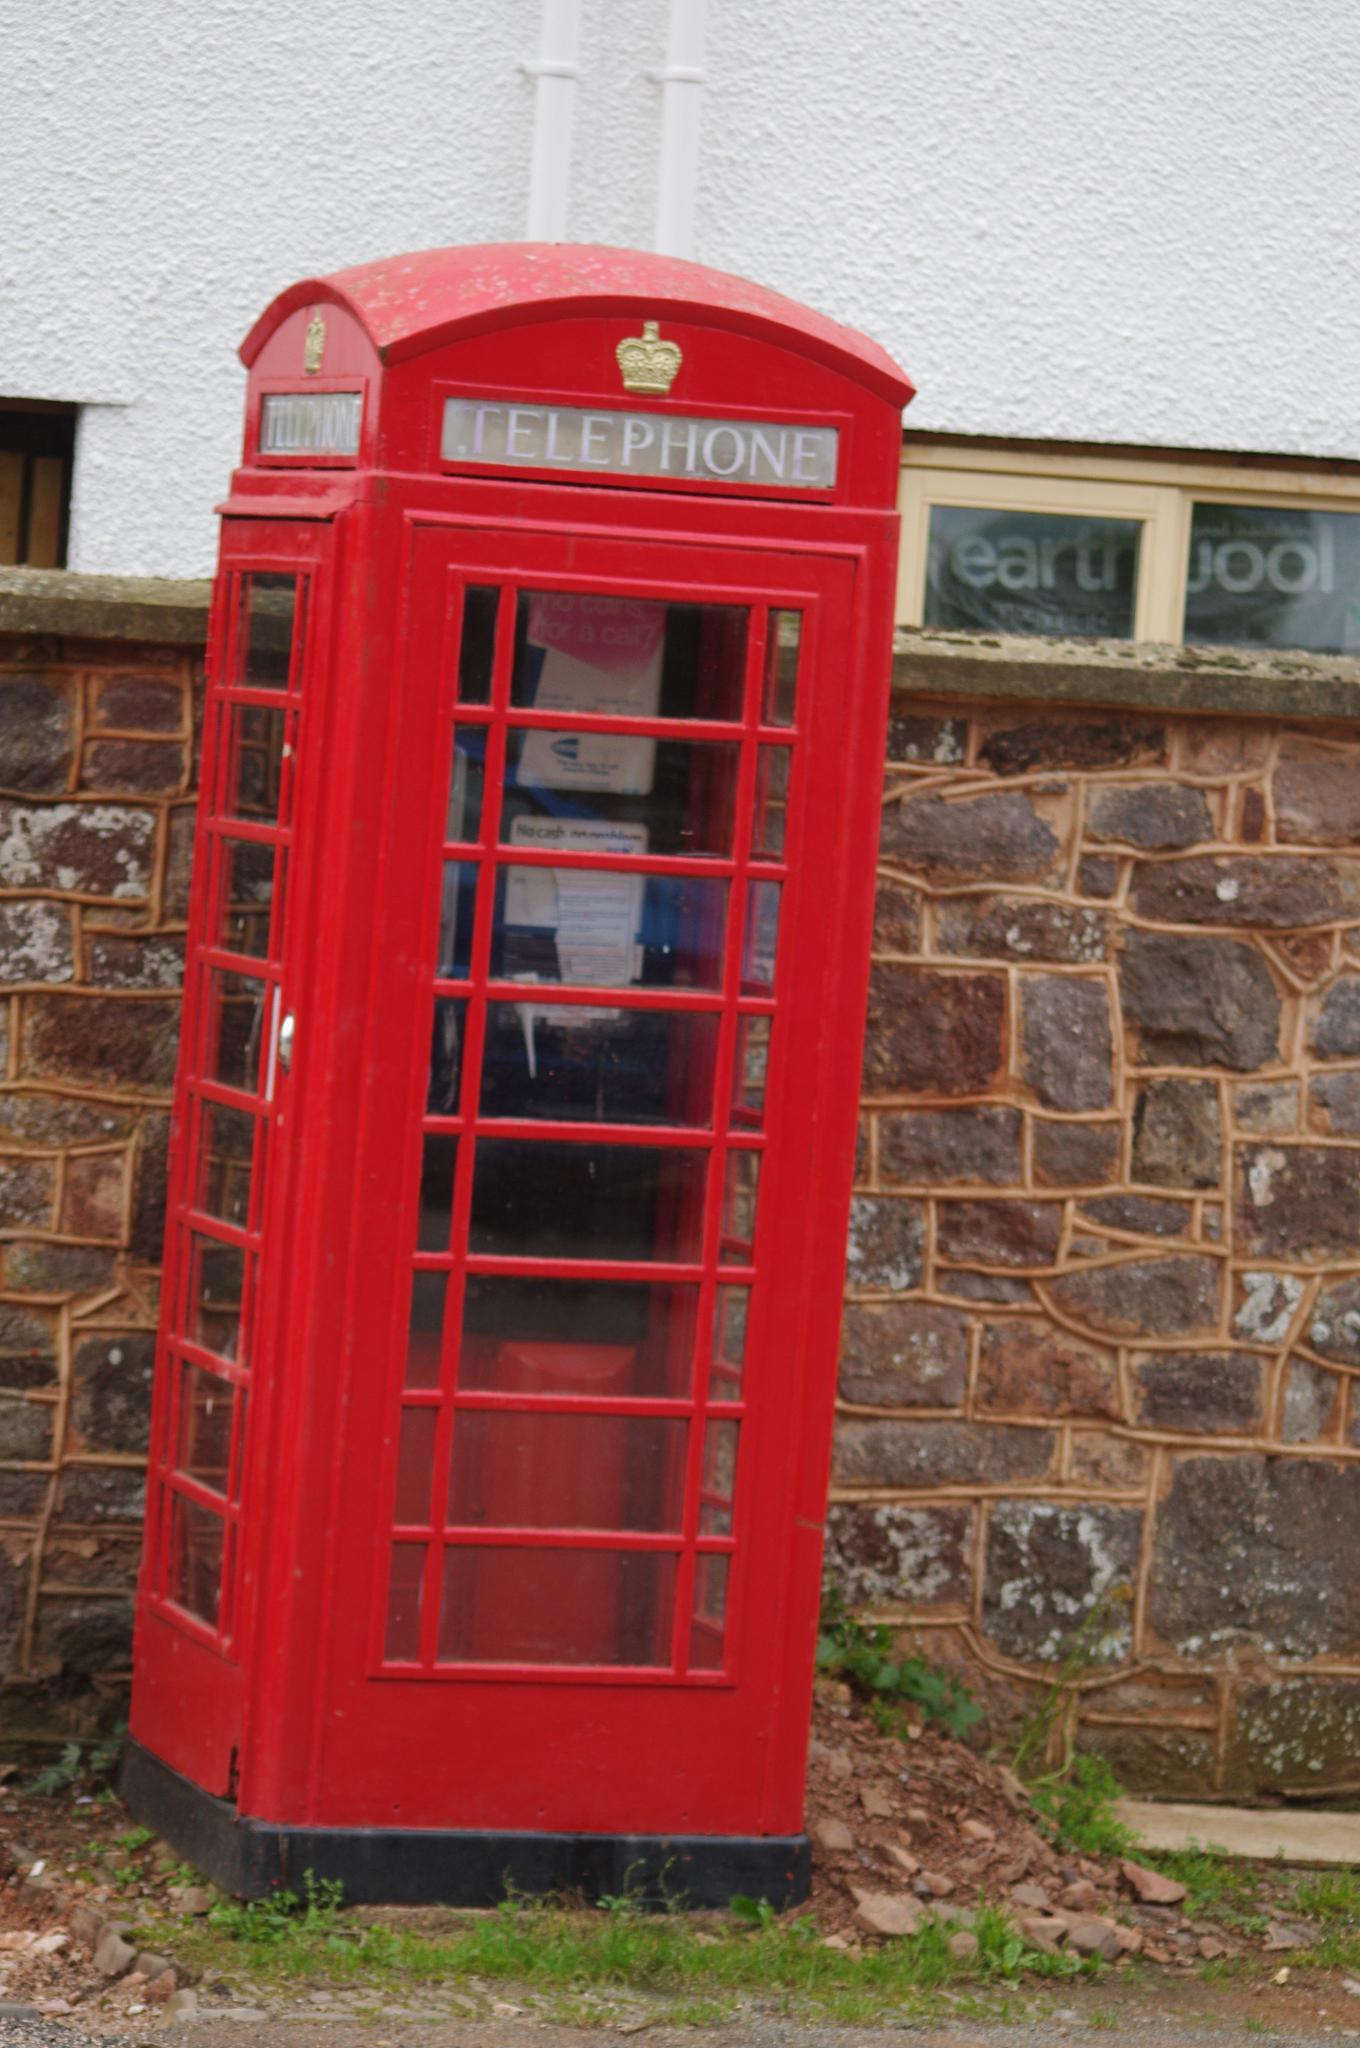 Telephone box Uk by charlie.salt.73